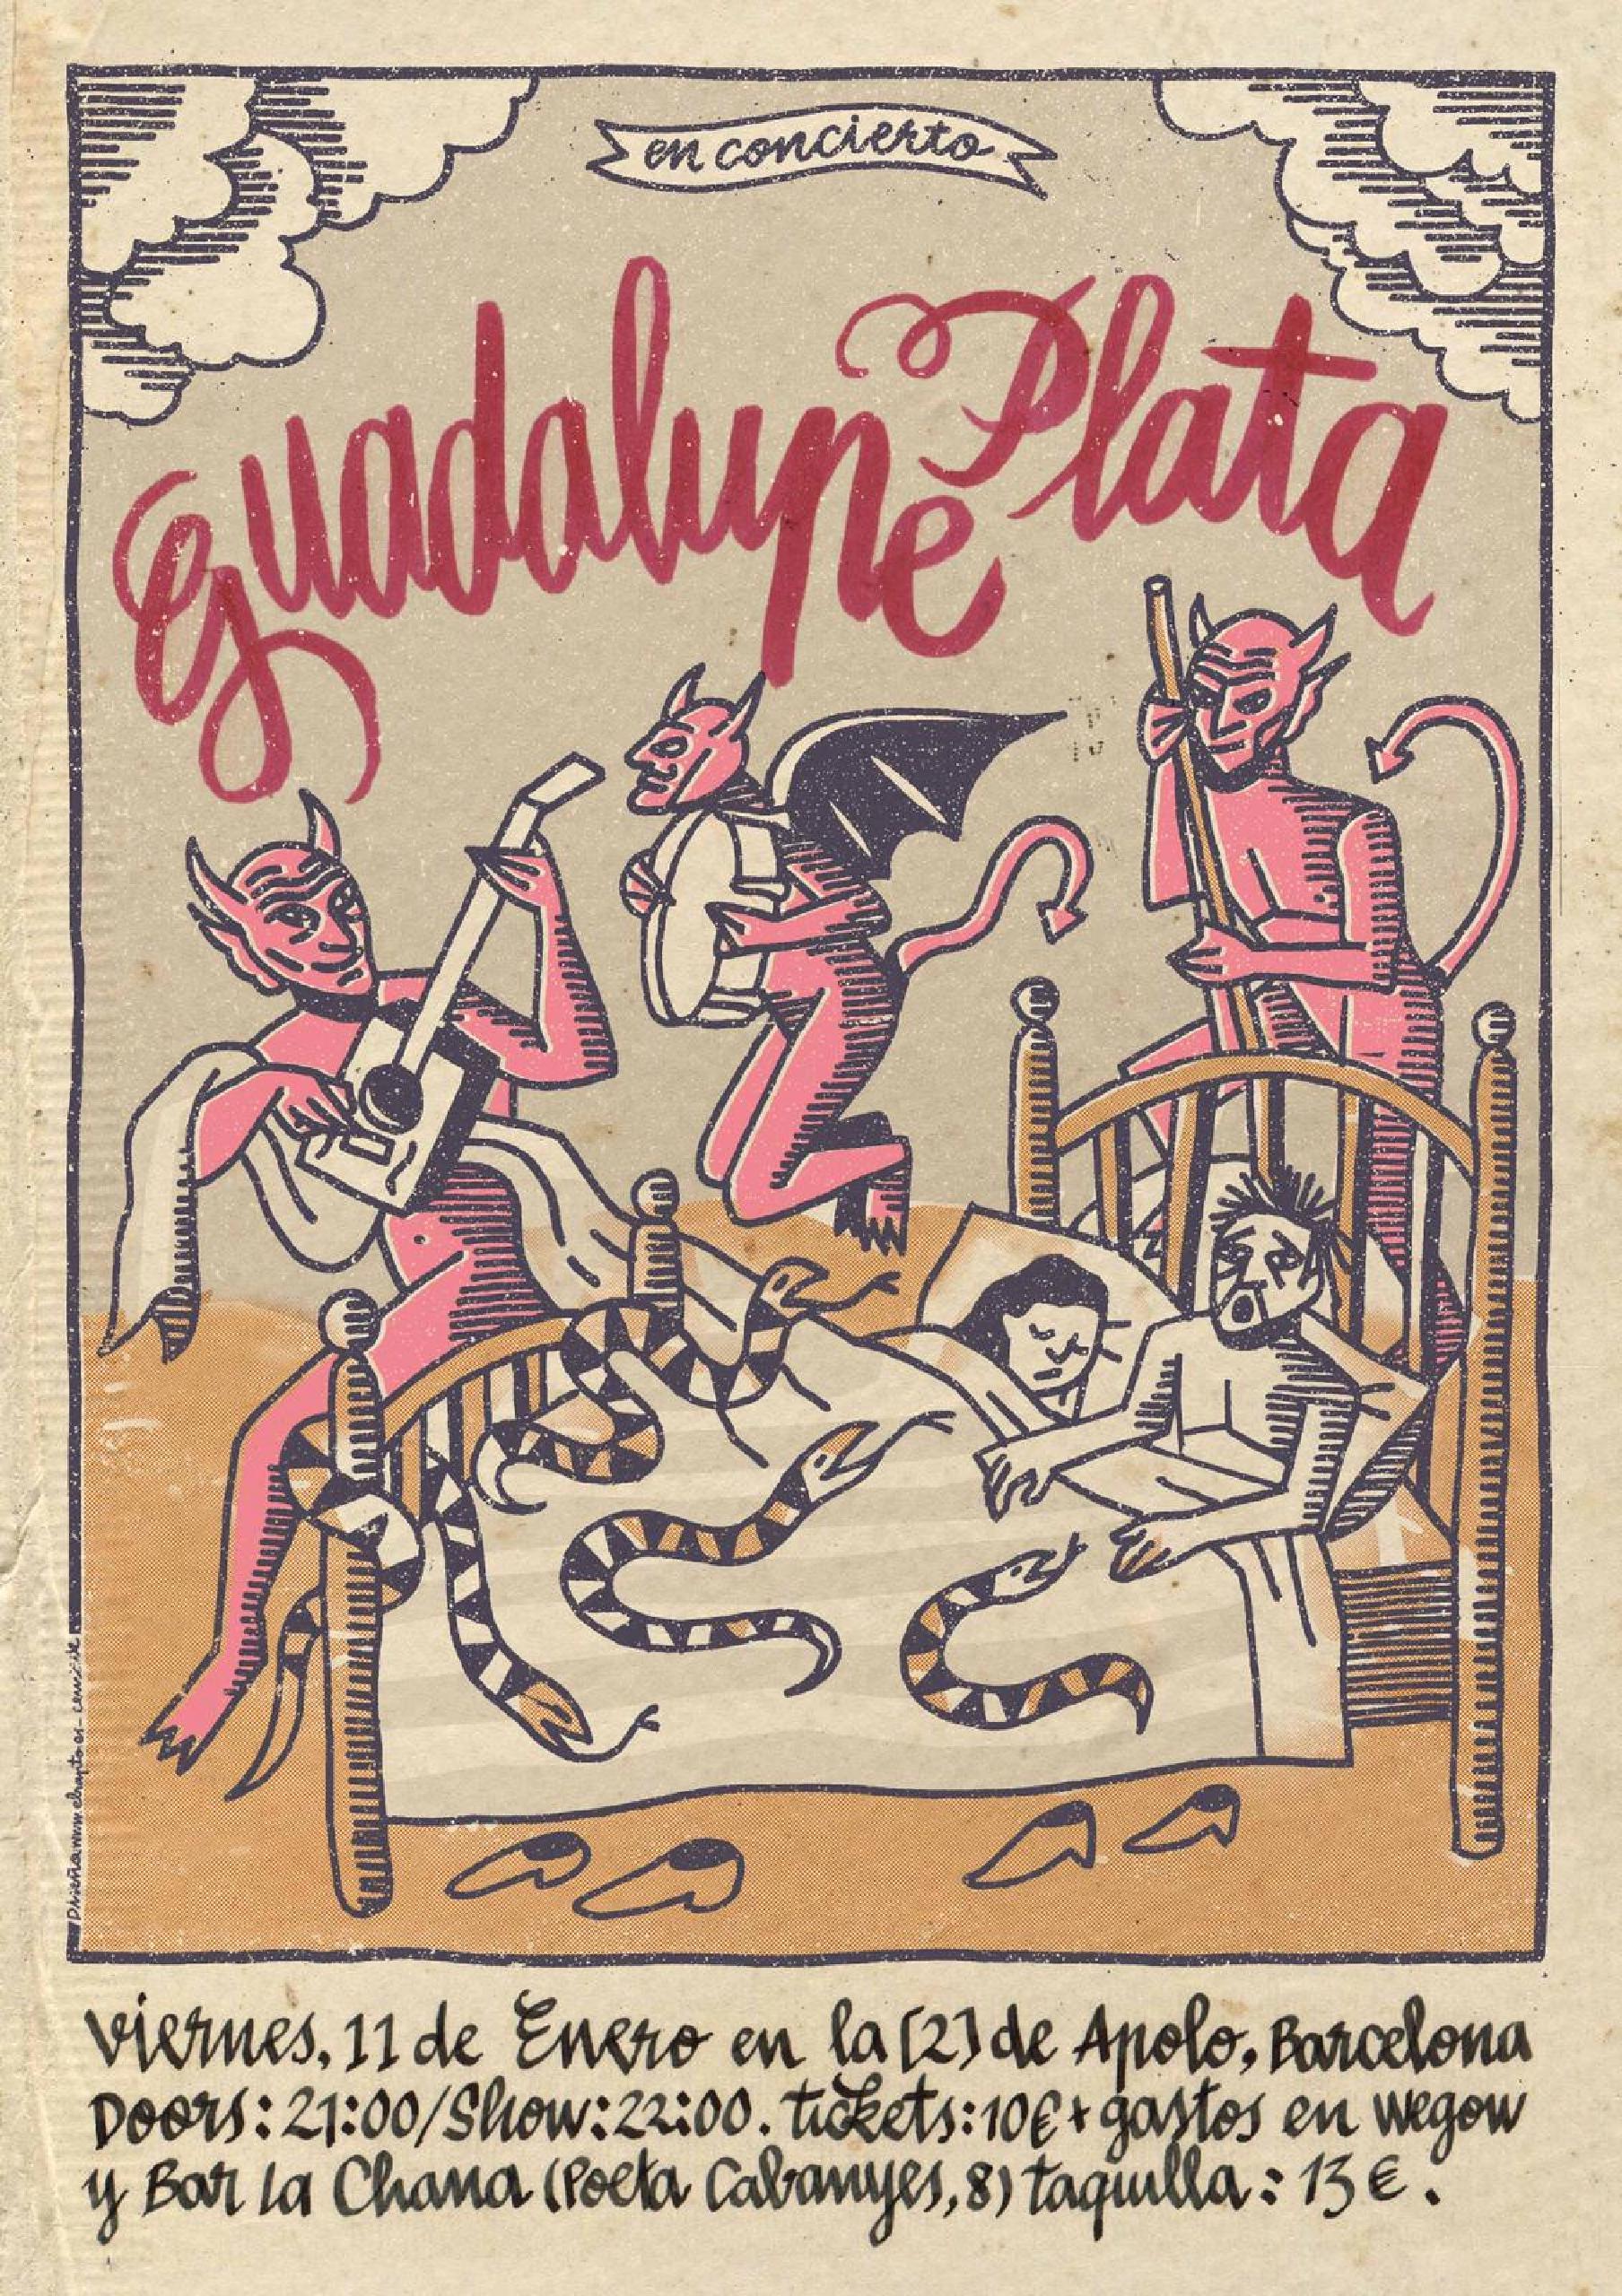 Poster, por Mäik de El Rapto Estudio.